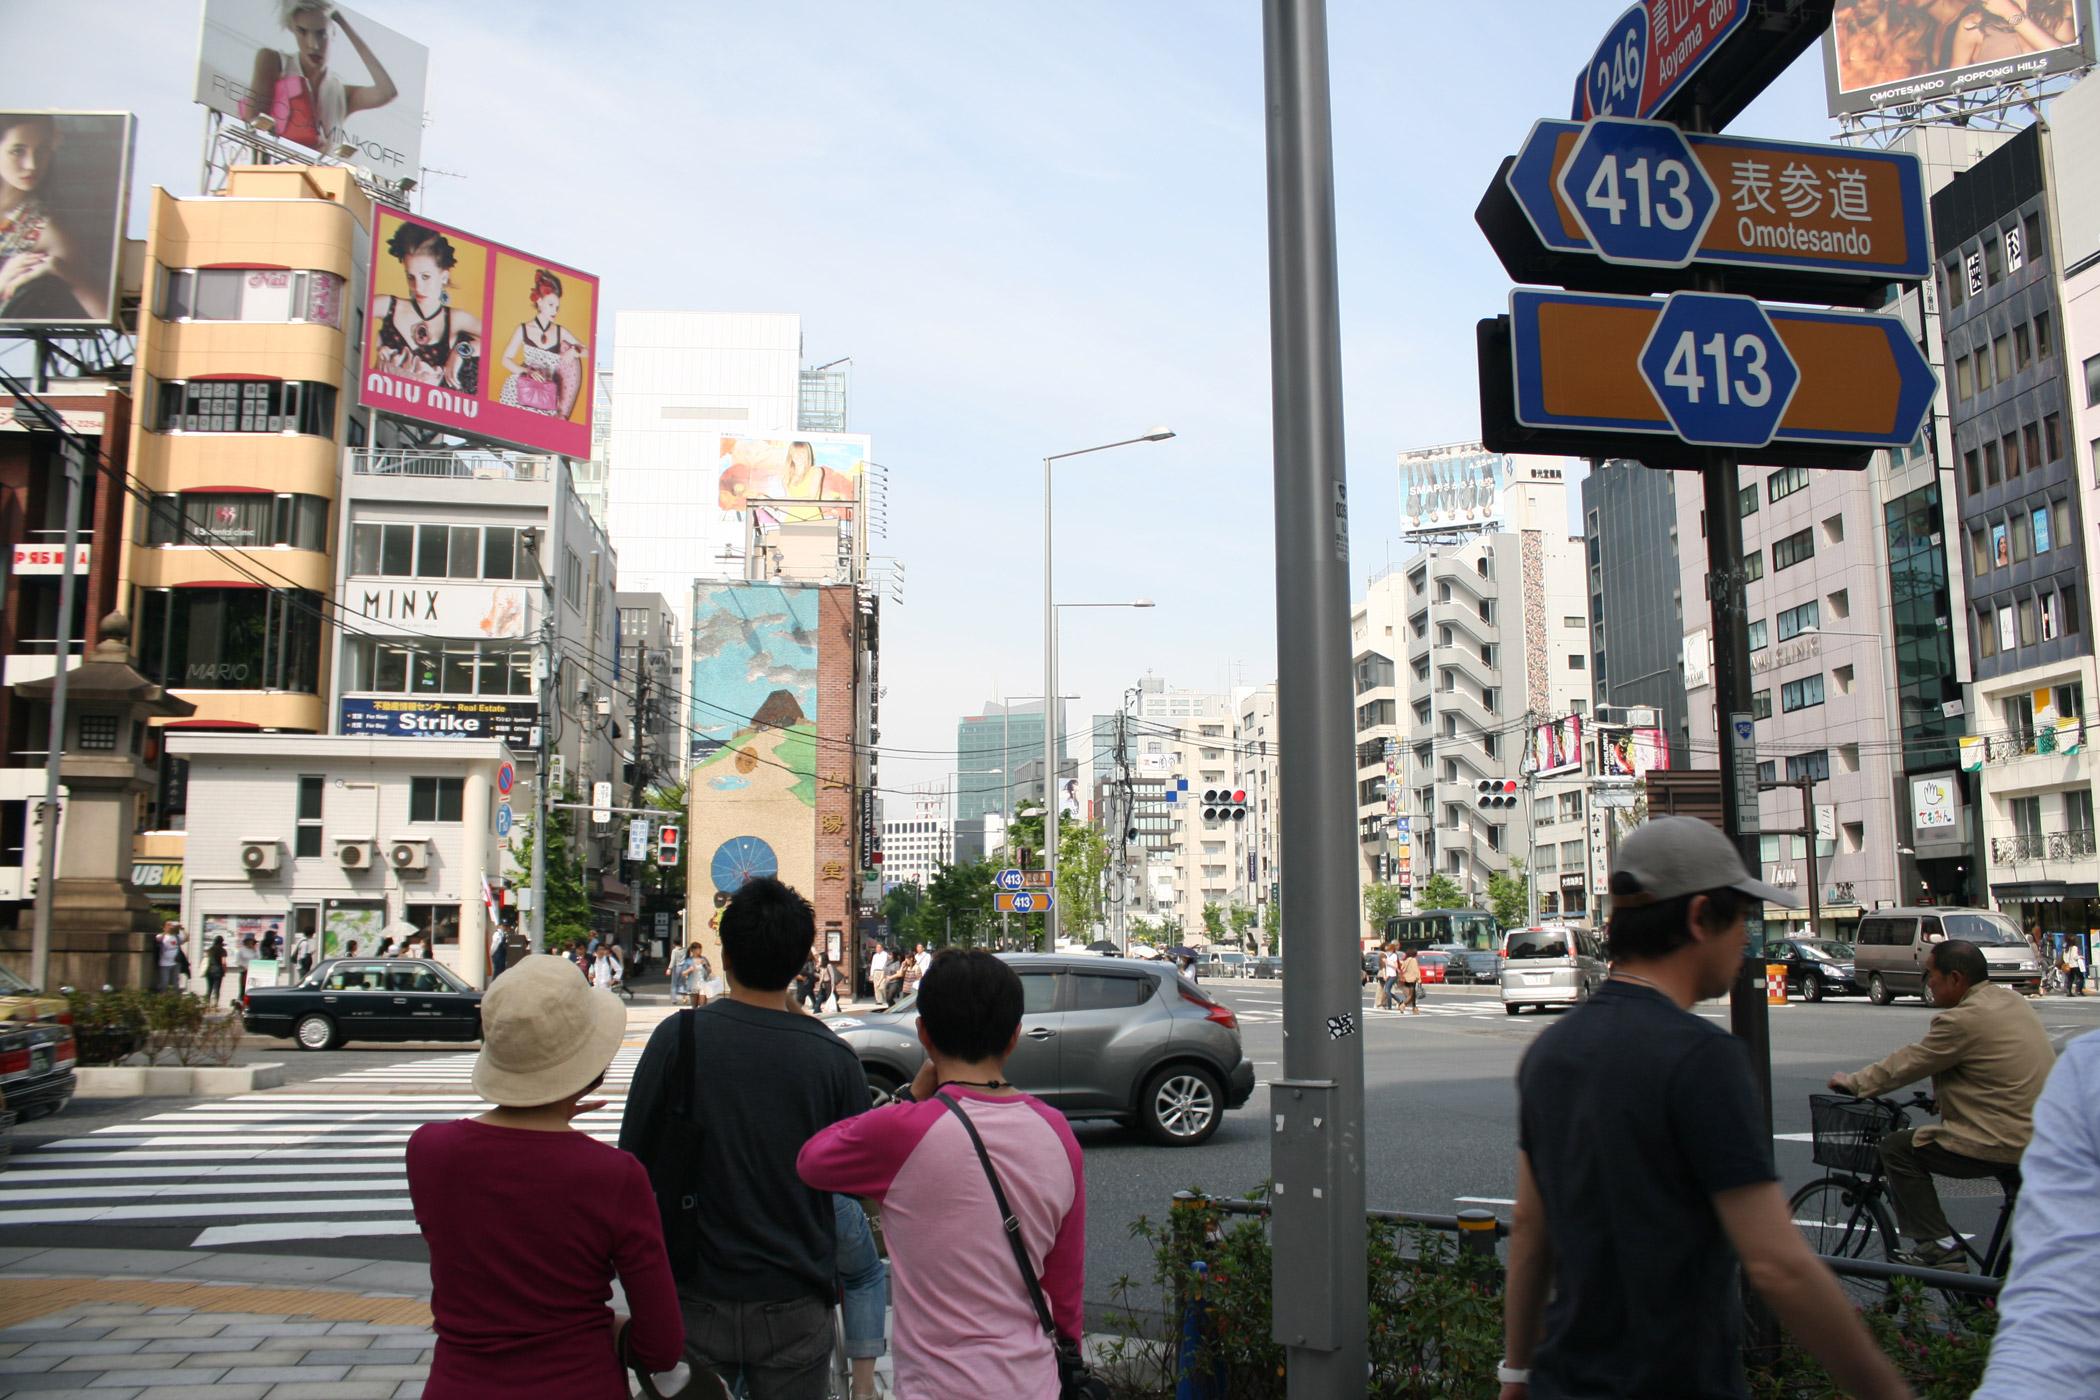 【街歩き】青山エリアで比較!みゆき通りと骨董通りの特徴は?